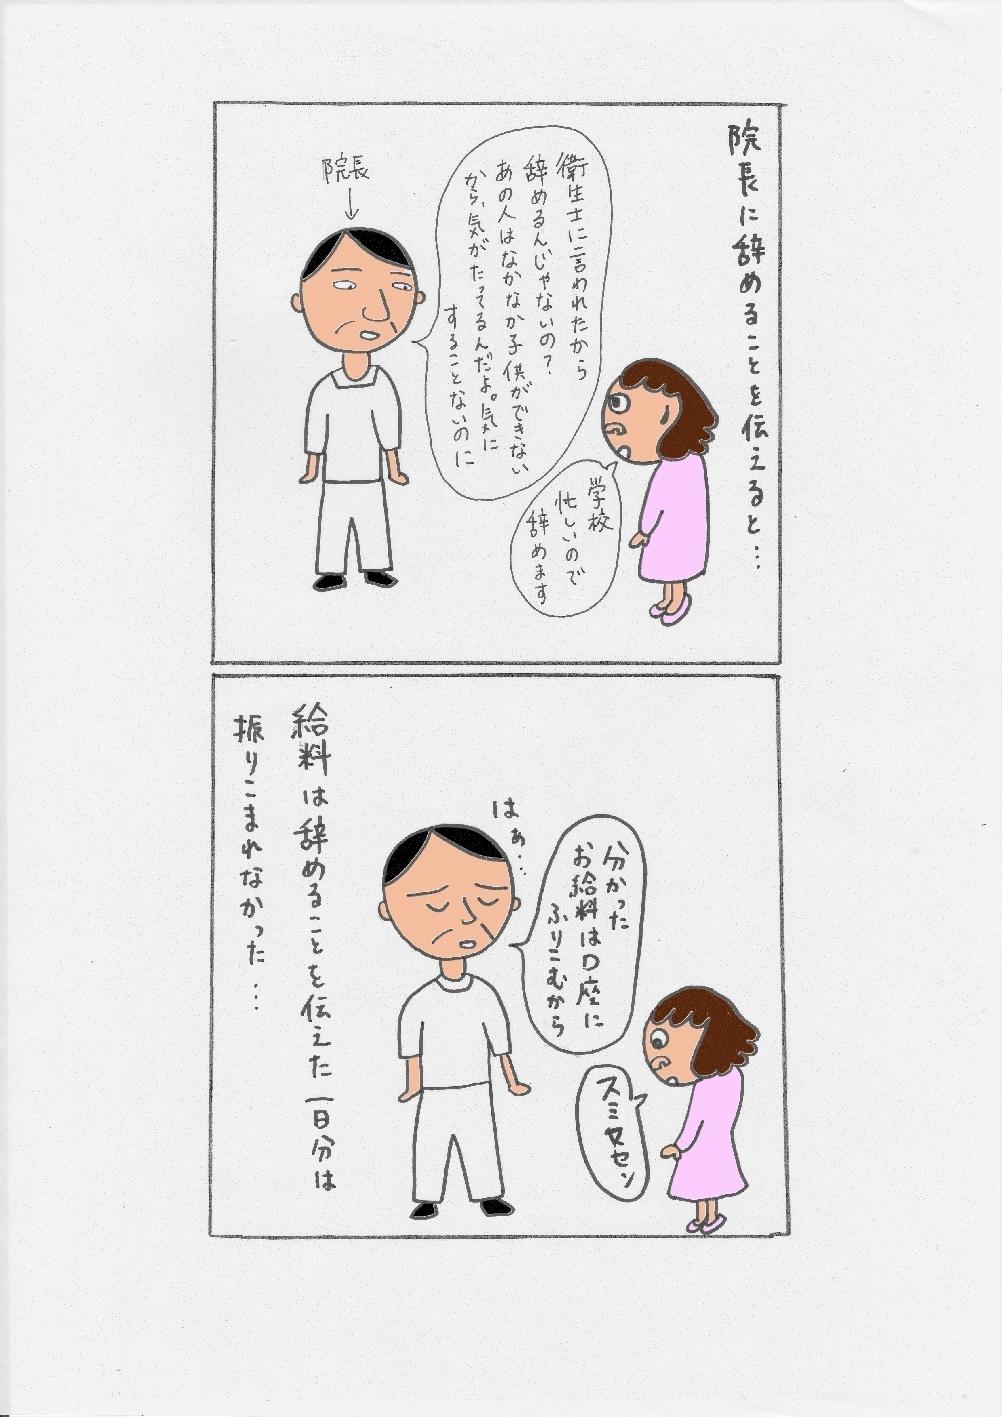 歯医者3.jpg